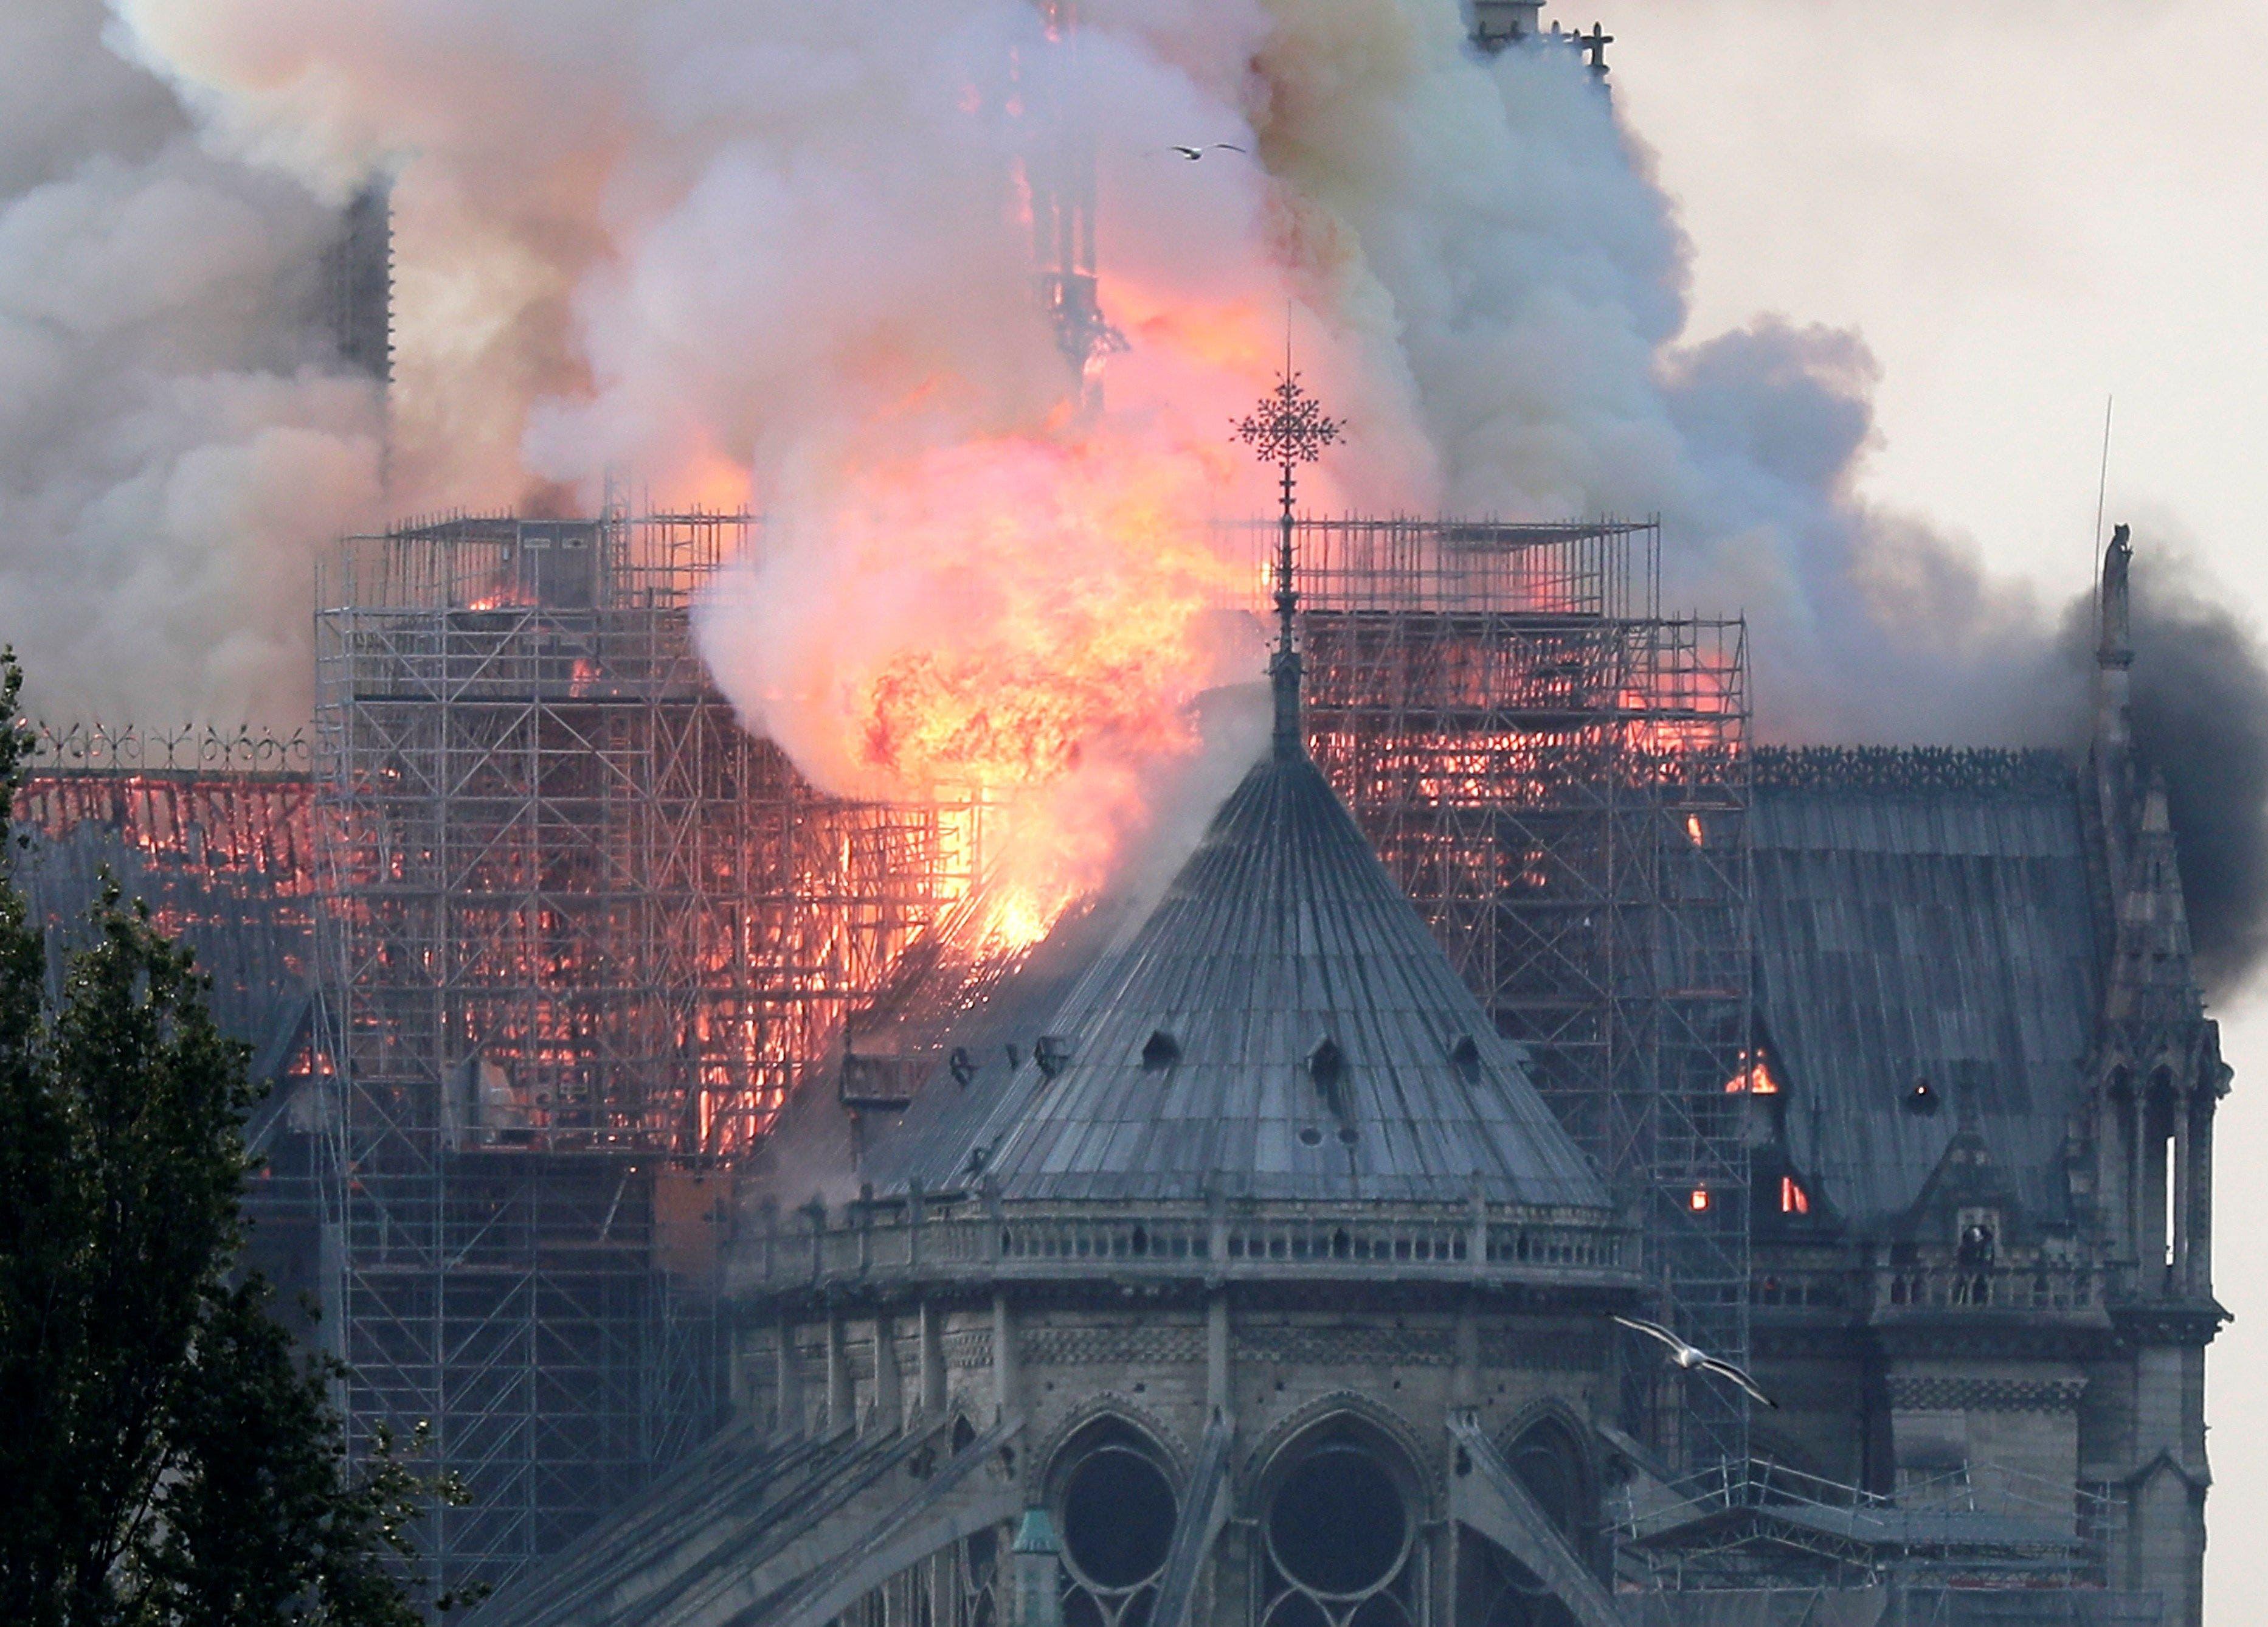 1. Vista de un incendio en la catedral de Notre Dame este lunes en París, Francia. EFE/ Ian Langsdon